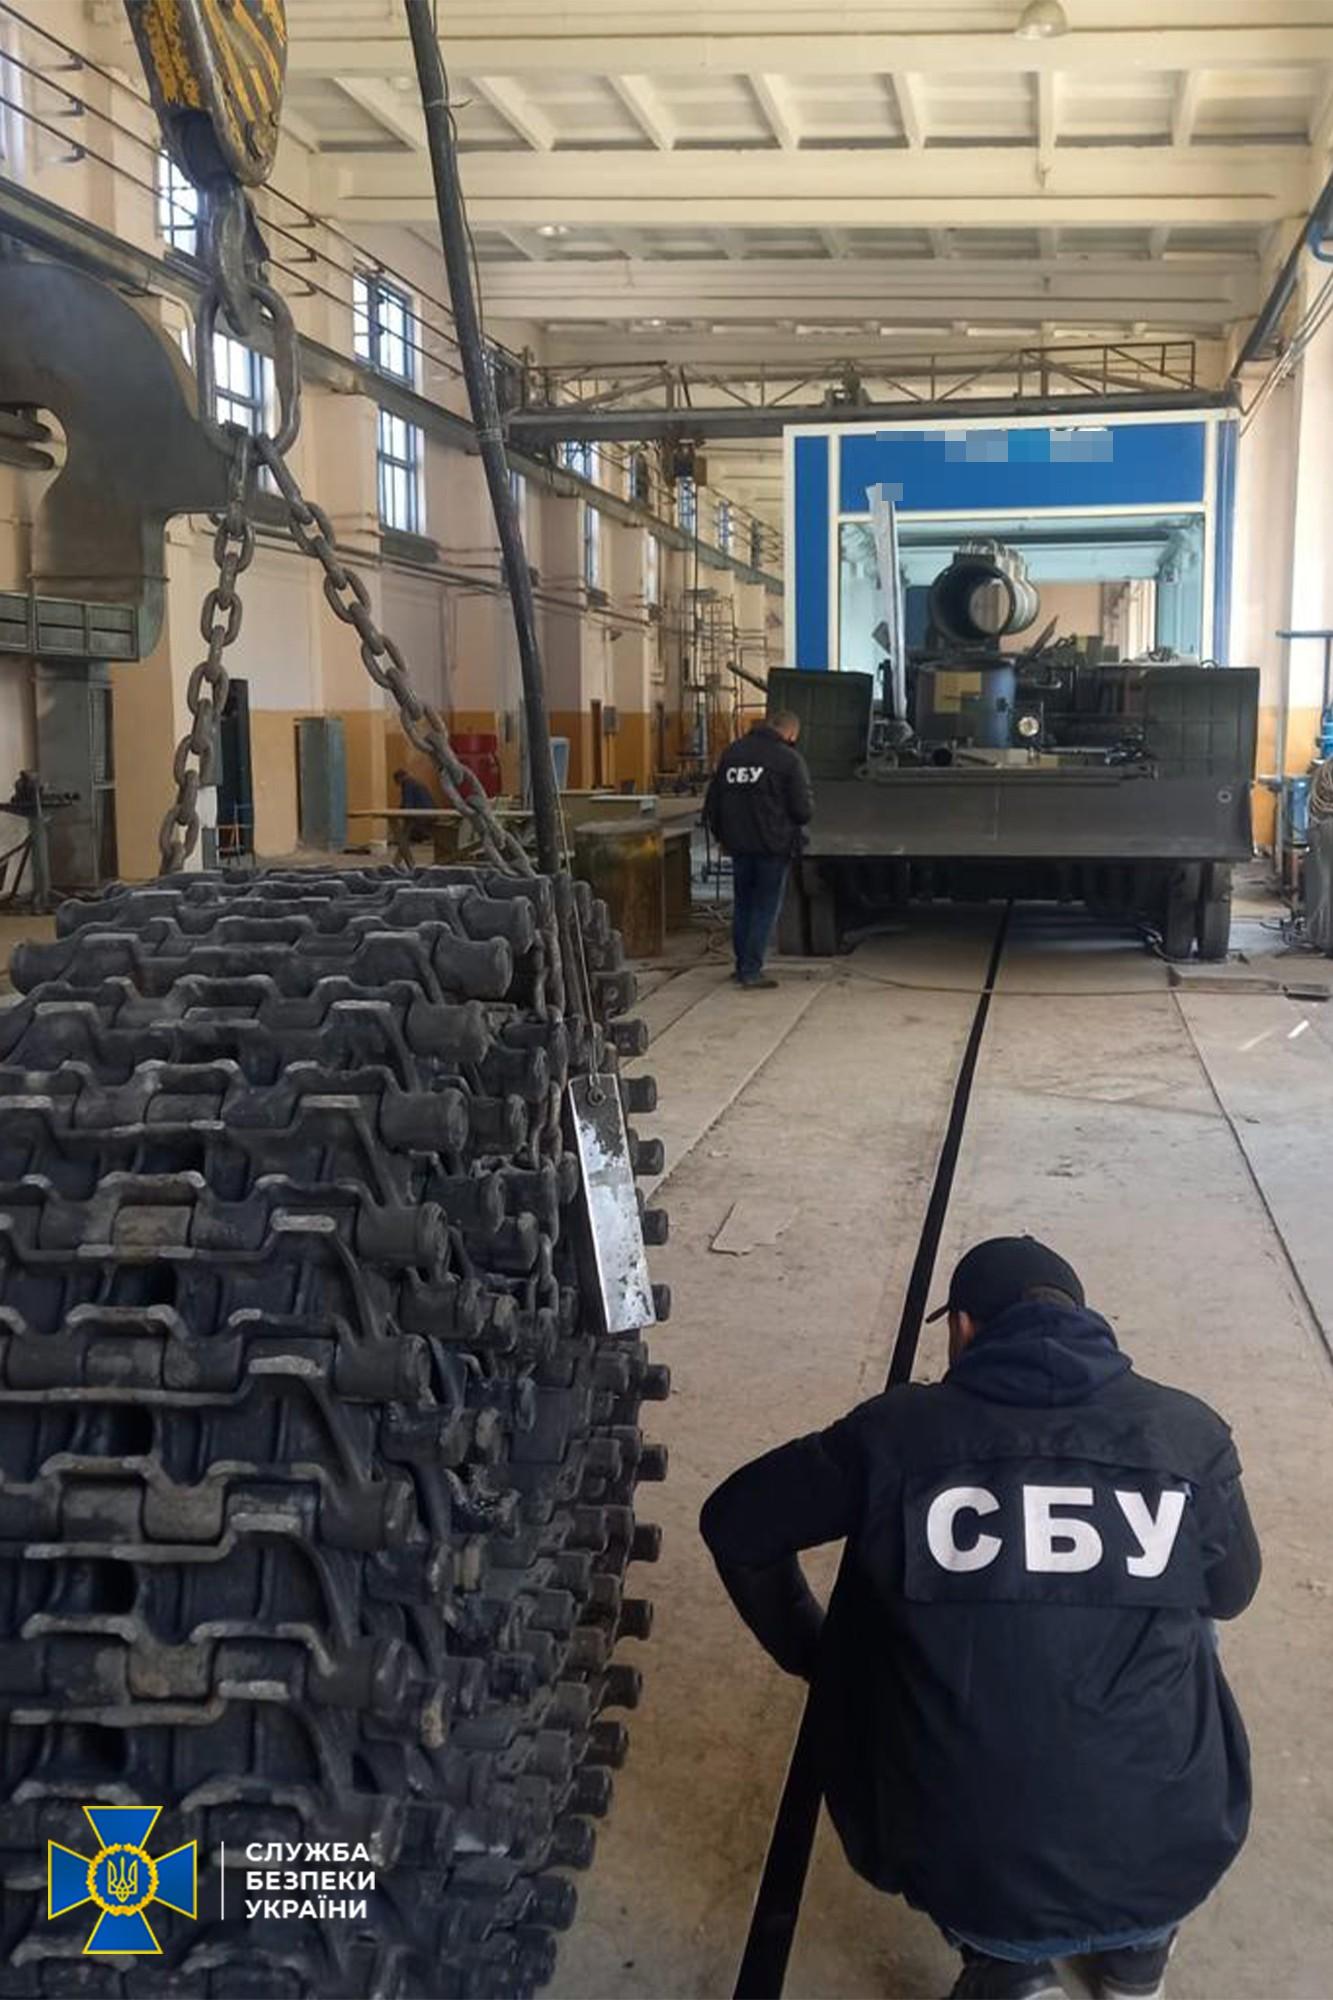 СБУ раскрыла коррупционную схему в Укроборонпроме (Фото: пресс-служба СБУ)